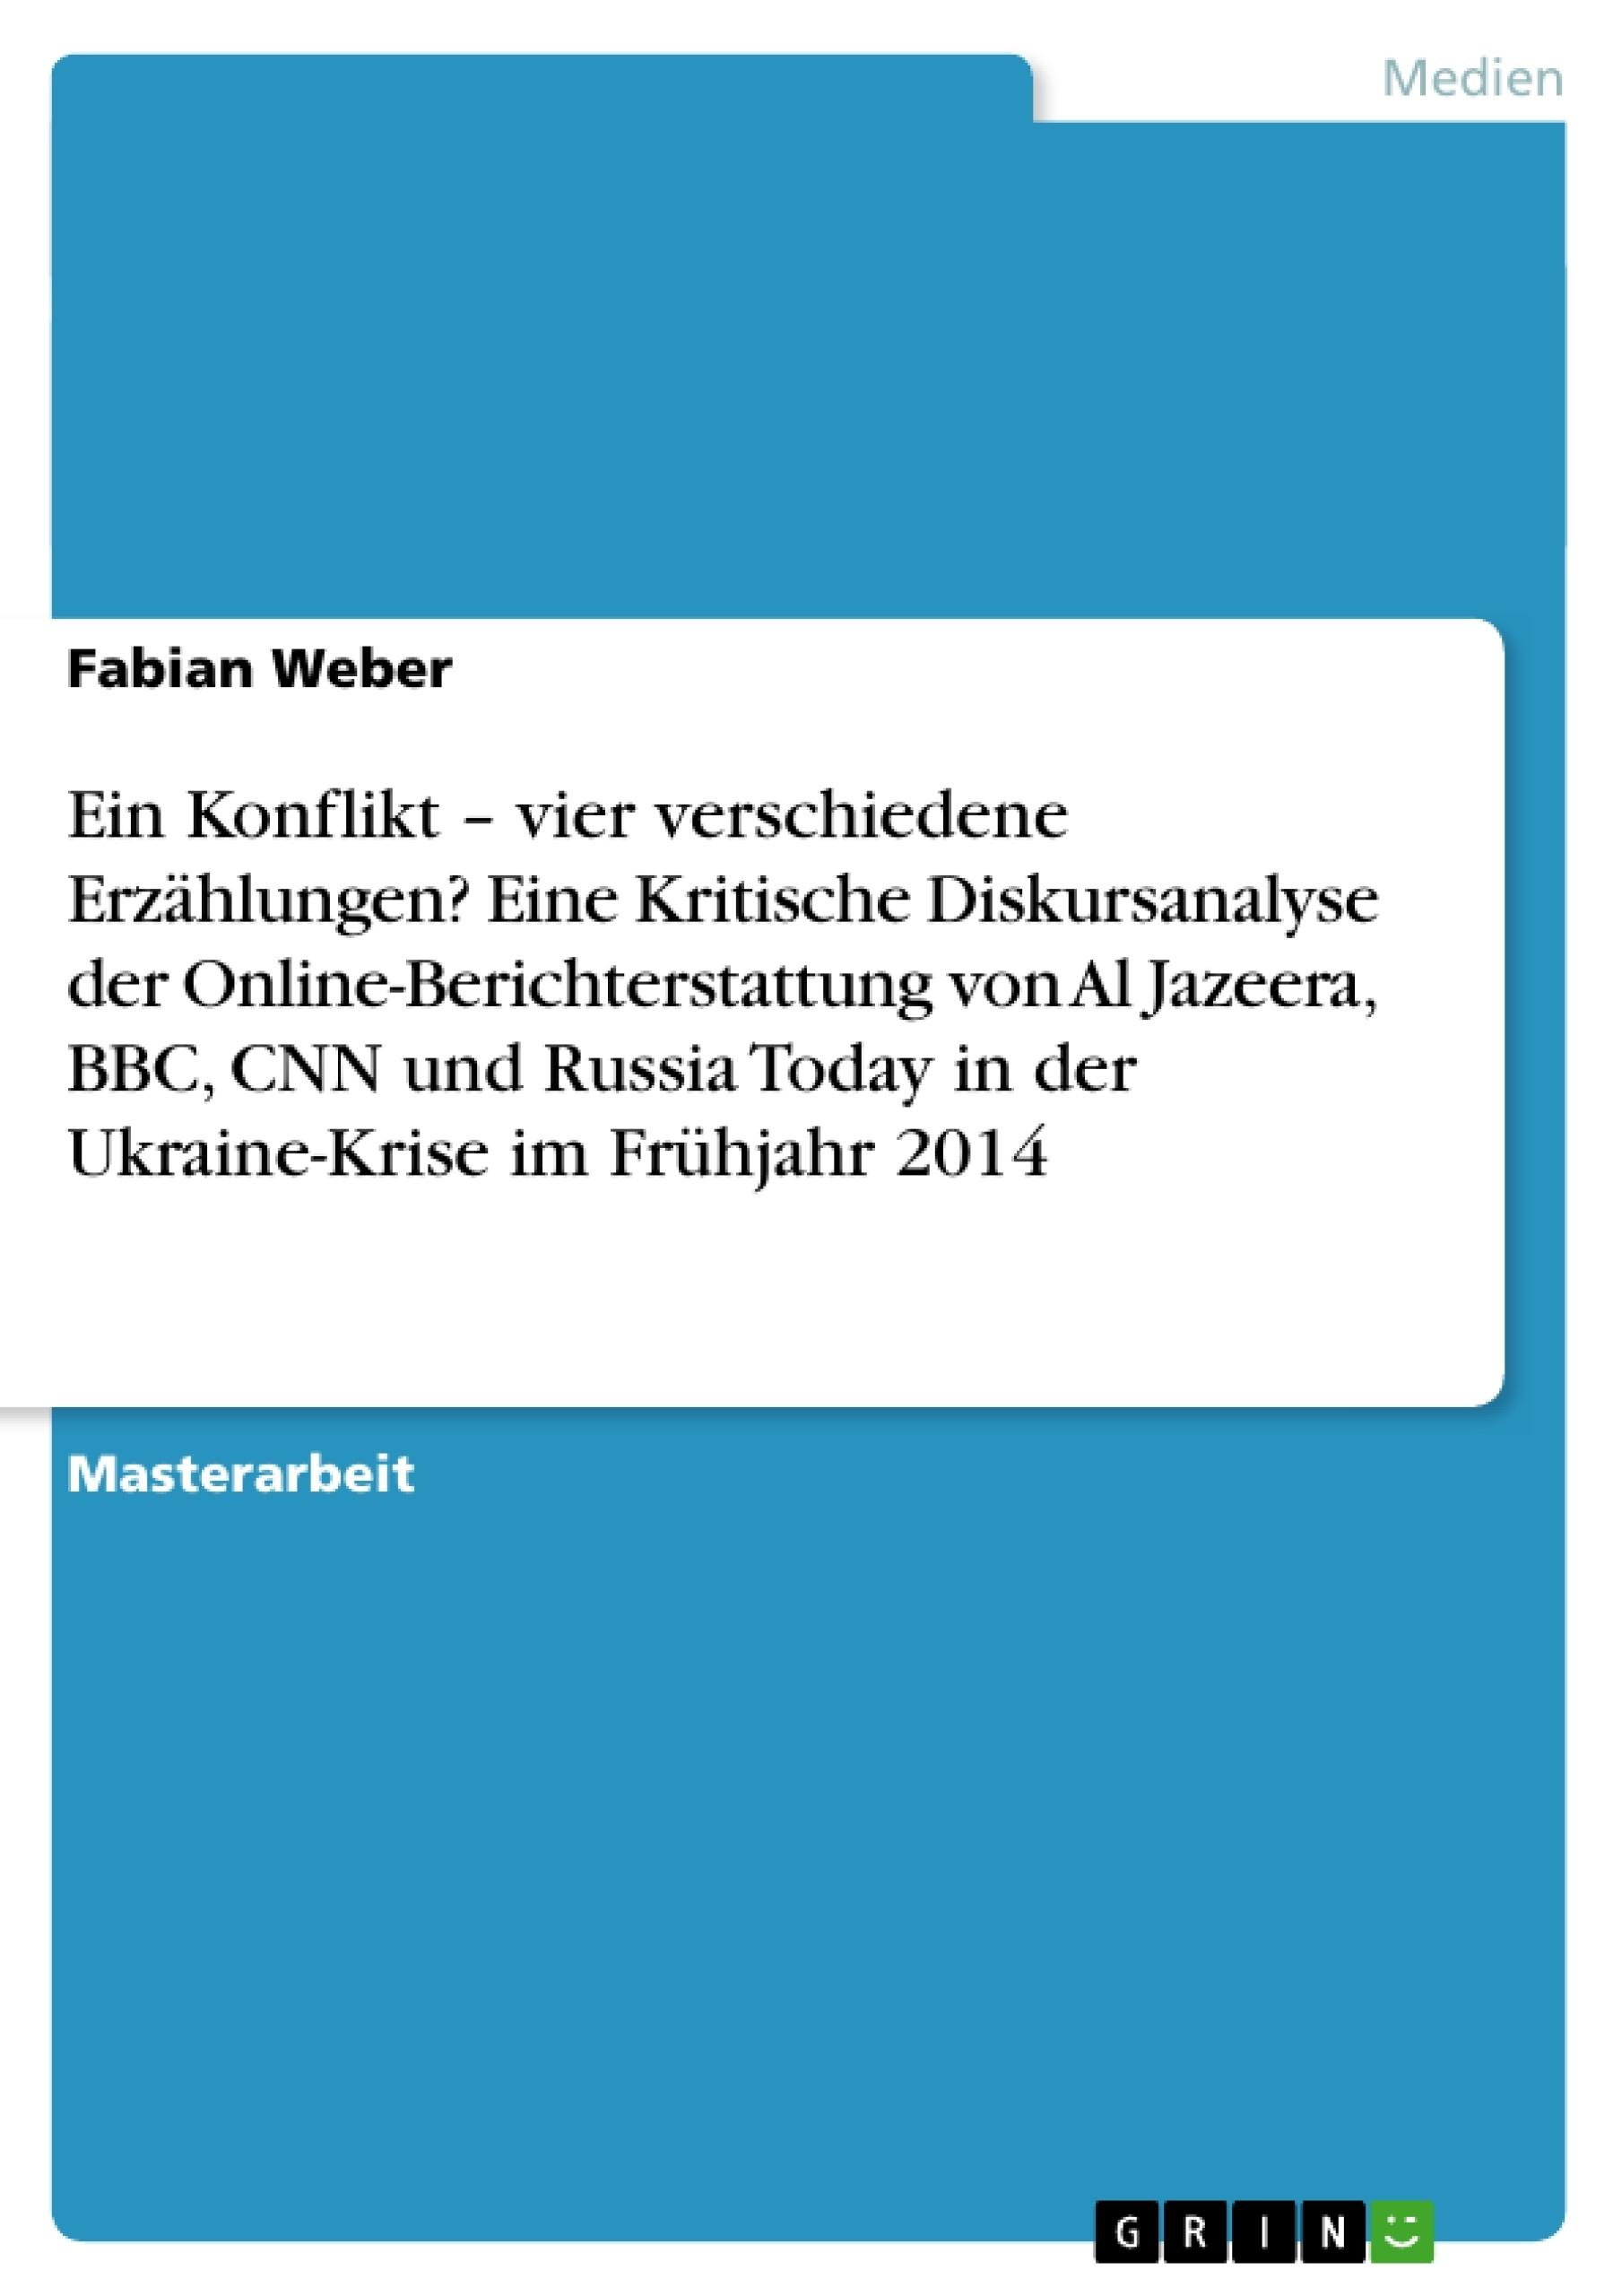 Titel: Ein Konflikt – vier verschiedene Erzählungen? Eine Kritische Diskursanalyse der Online-Berichterstattung von Al Jazeera, BBC, CNN und Russia Today in der Ukraine-Krise im Frühjahr 2014